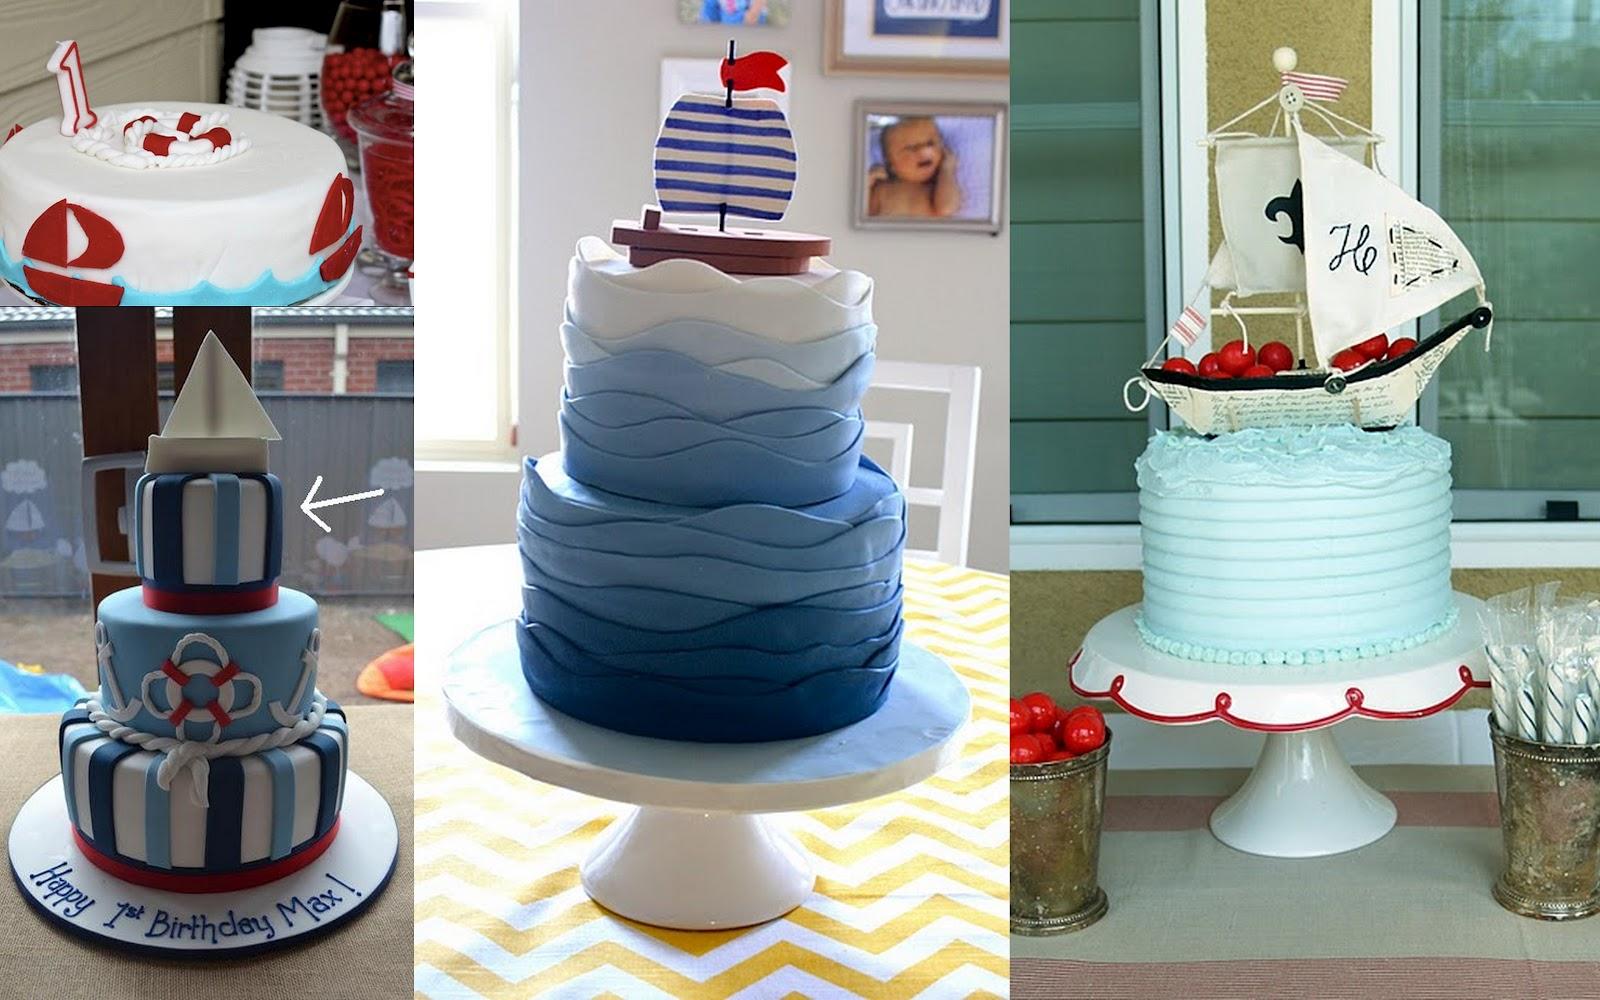 Pin algunos detalles de la decoraci n estilo marinero cake - Decoracion estilo marinero ...